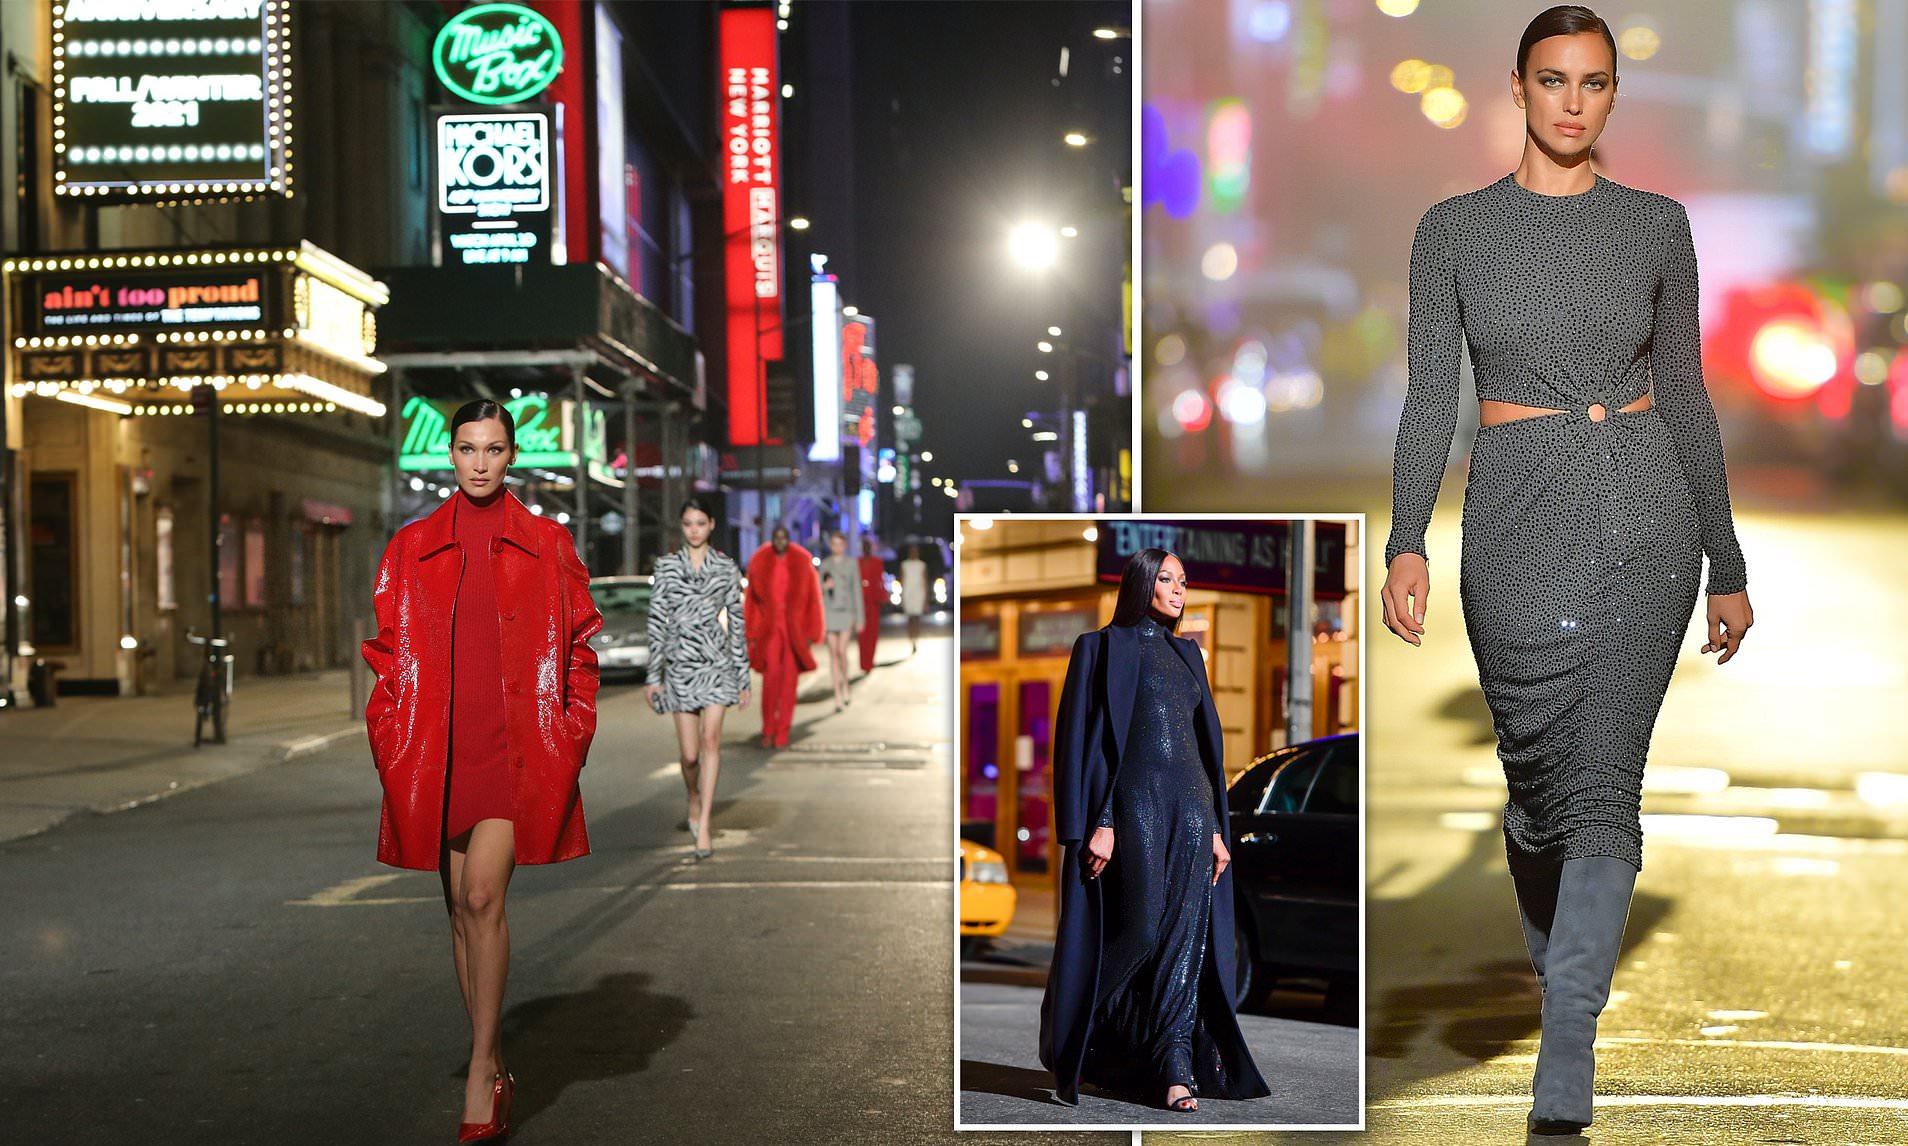 Michael Kors zbret modelet në rrugët e Nju Jorkut, për të prezantuar koleksionin e ri